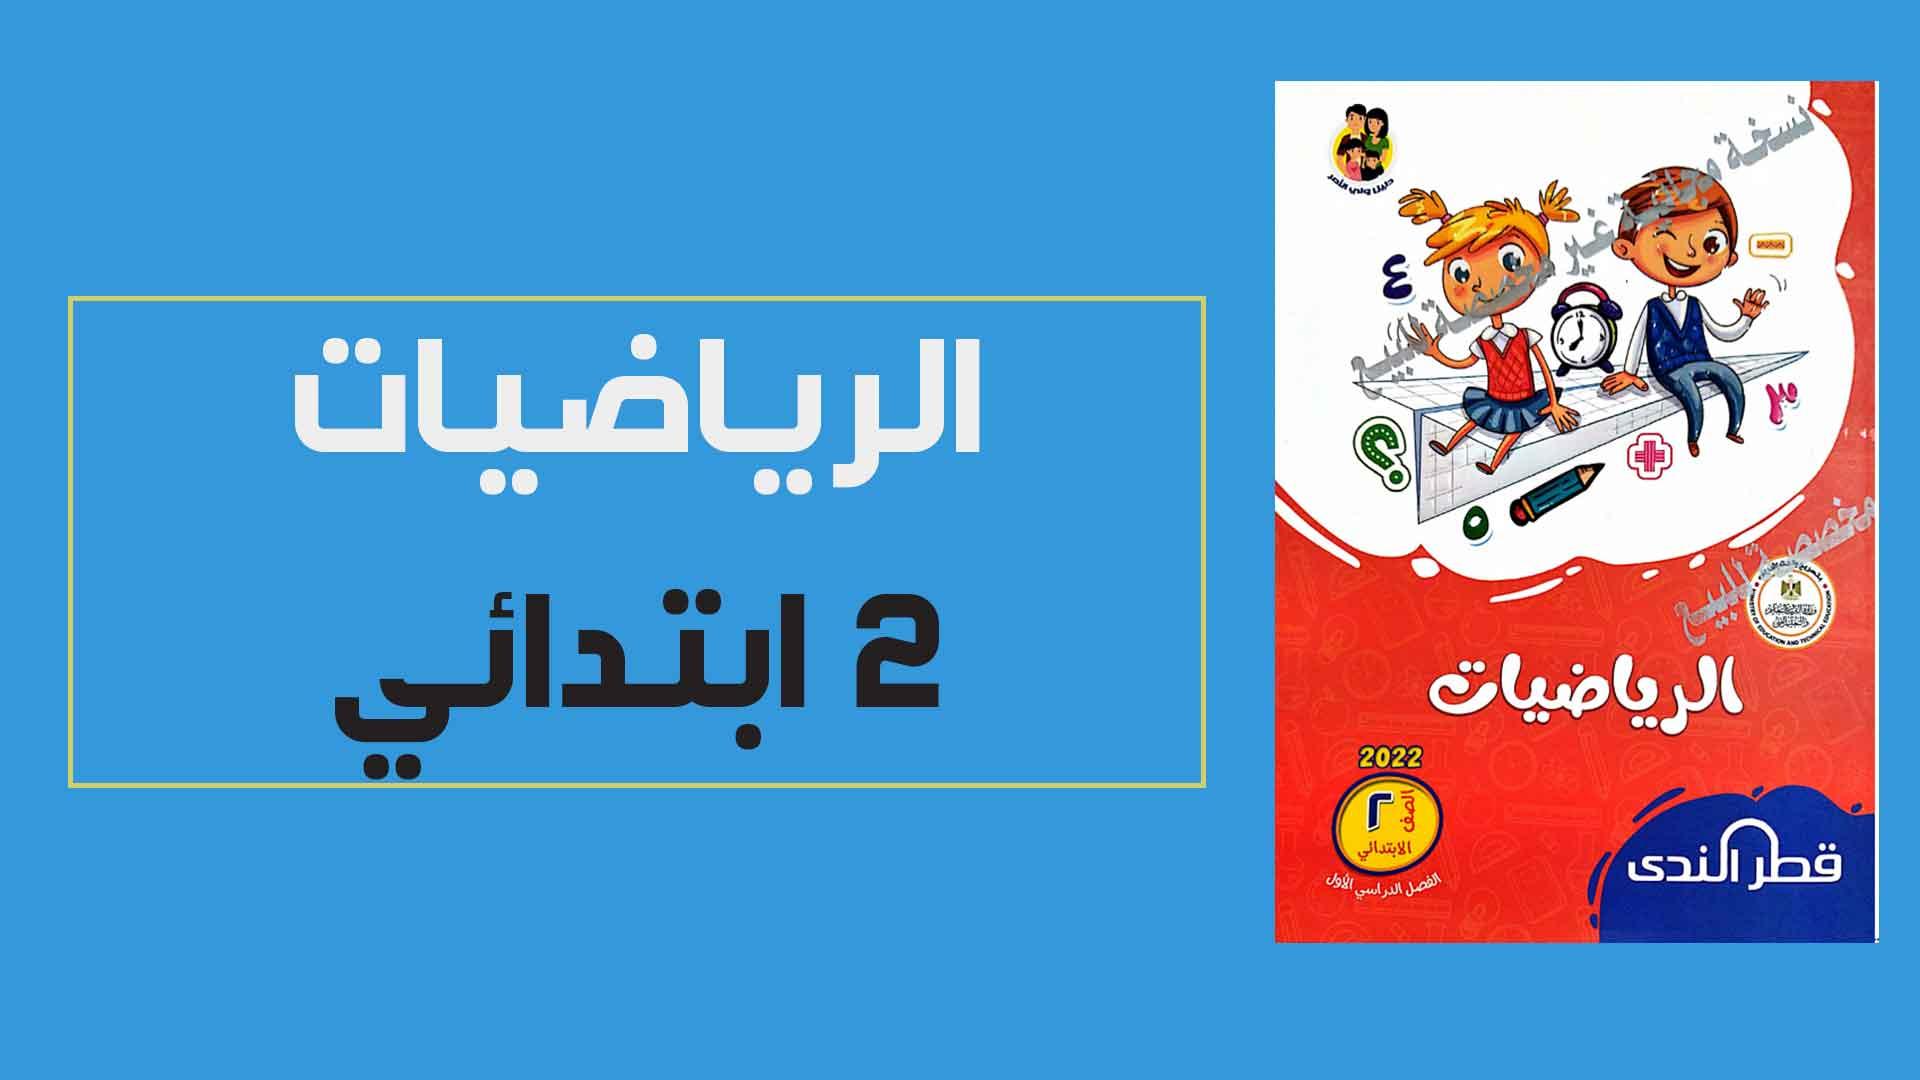 تحميل كتاب قطر الندى فى الرياضيات للصف الثانى الابتدائي الترم الاول 2022 (النسخة الجديدة)